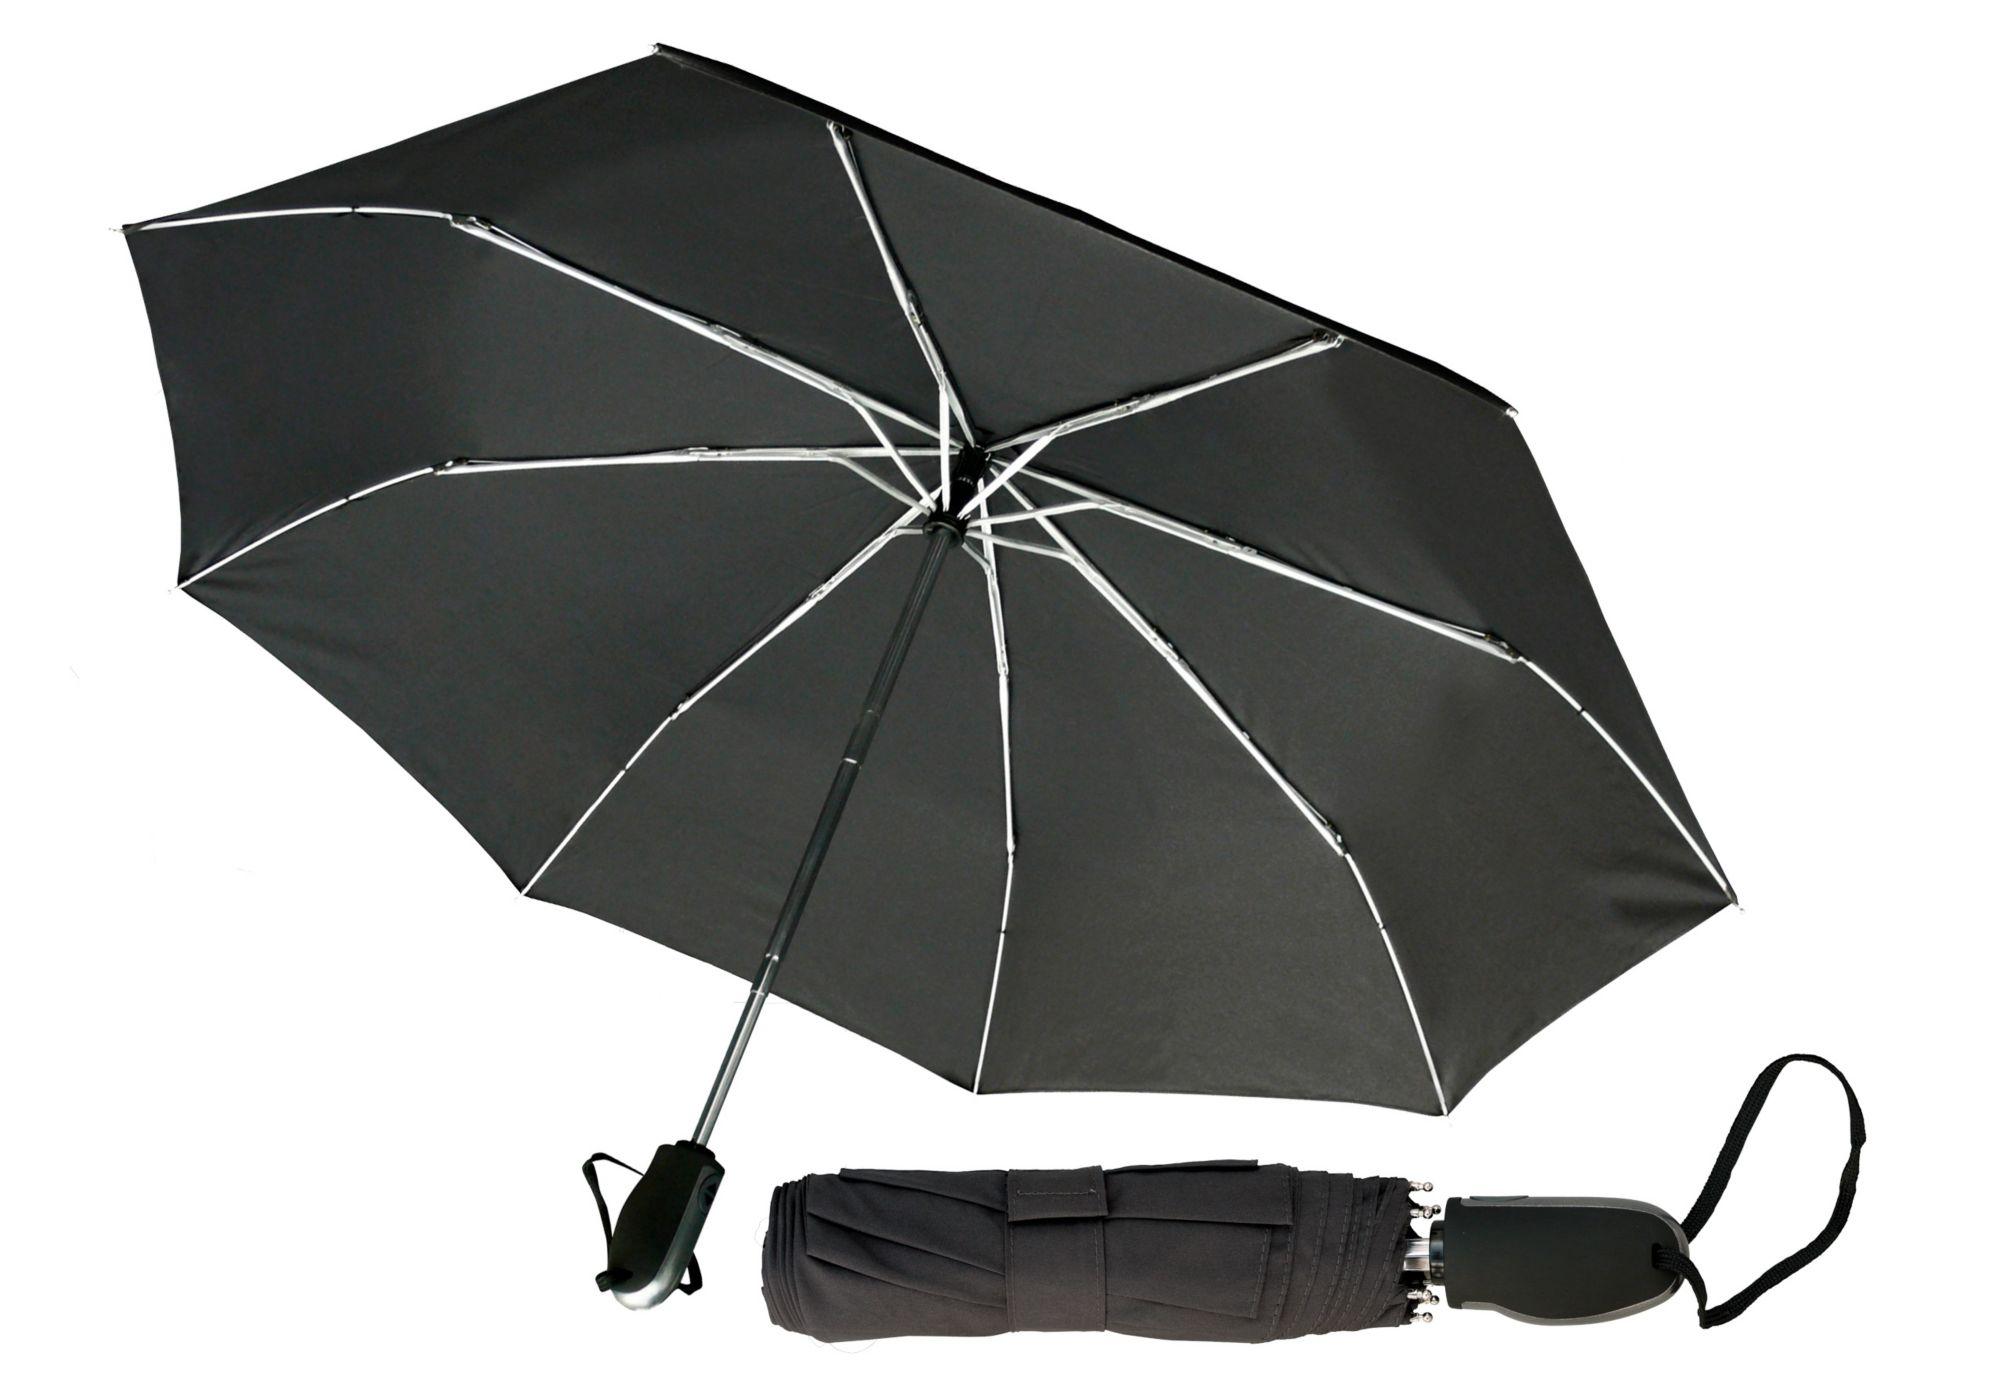 EUROSCHIRM® Euroschirm® Regenschirm für Damen und Herren, »Designer-Taschenschirm«